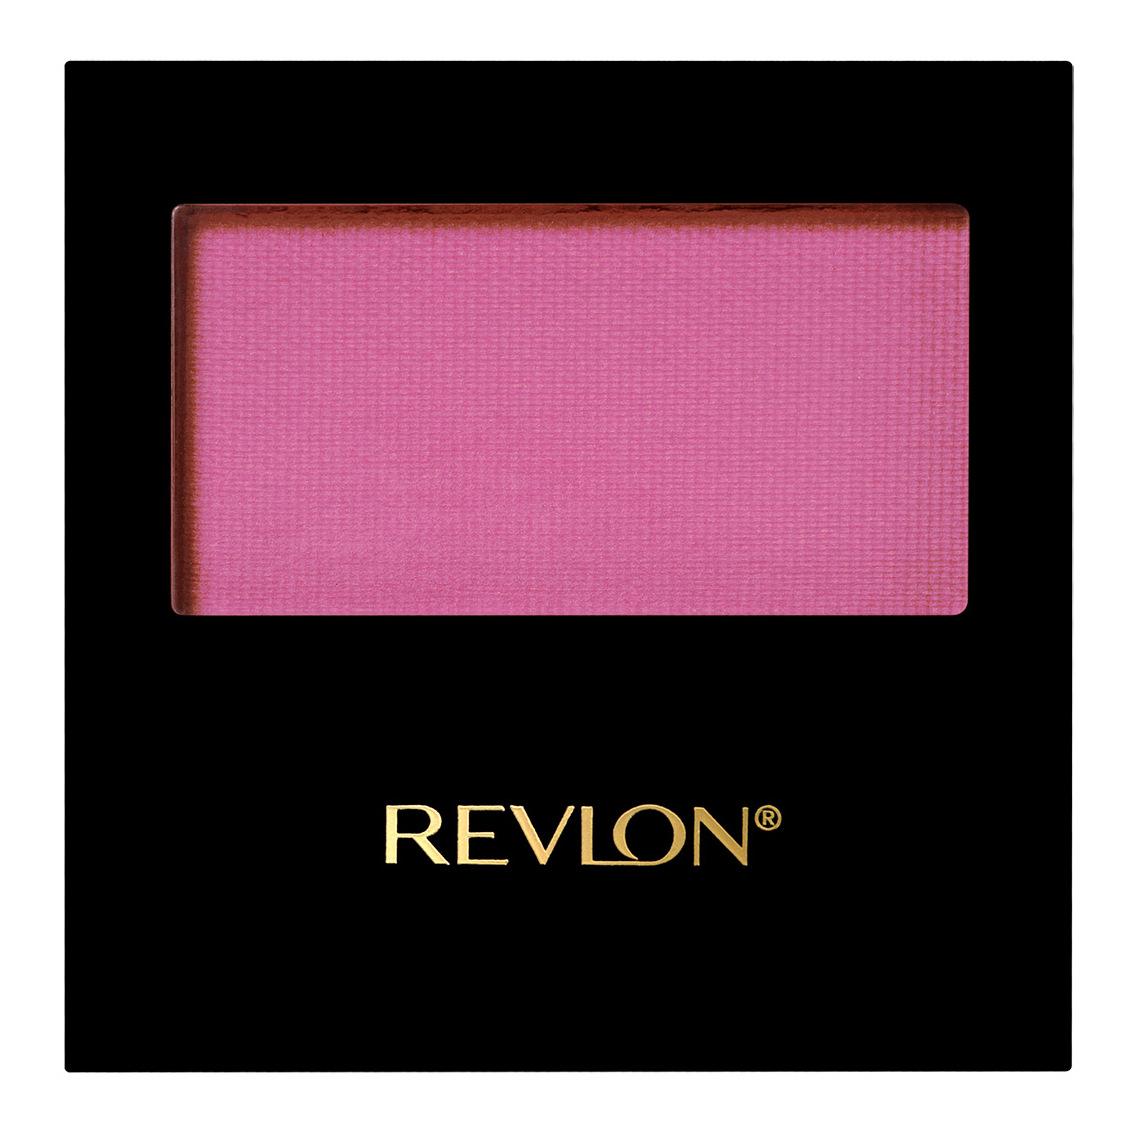 REVLON Румяна для лица 020 / Powder Blush Ravishing rose